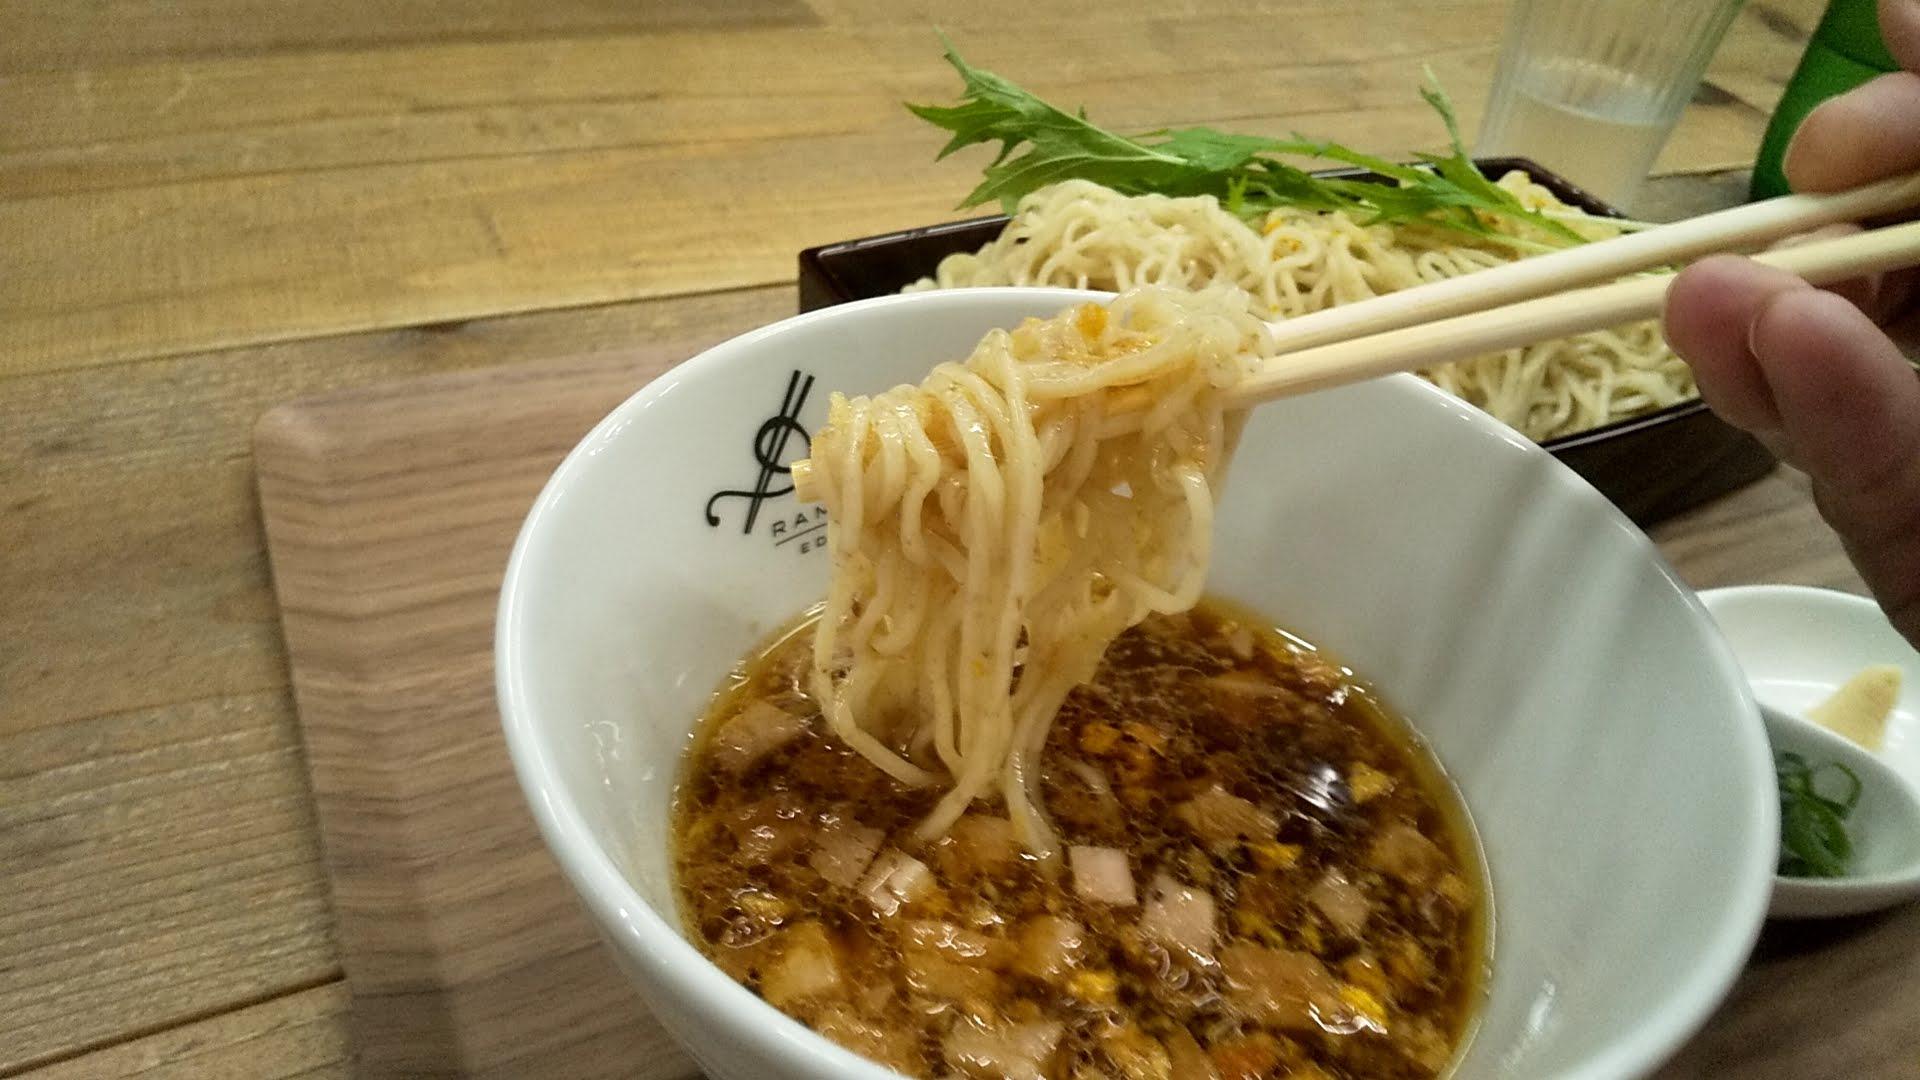 RamenドゥエEdoJapanの果実酢のせいろつけ麺の麺リフト